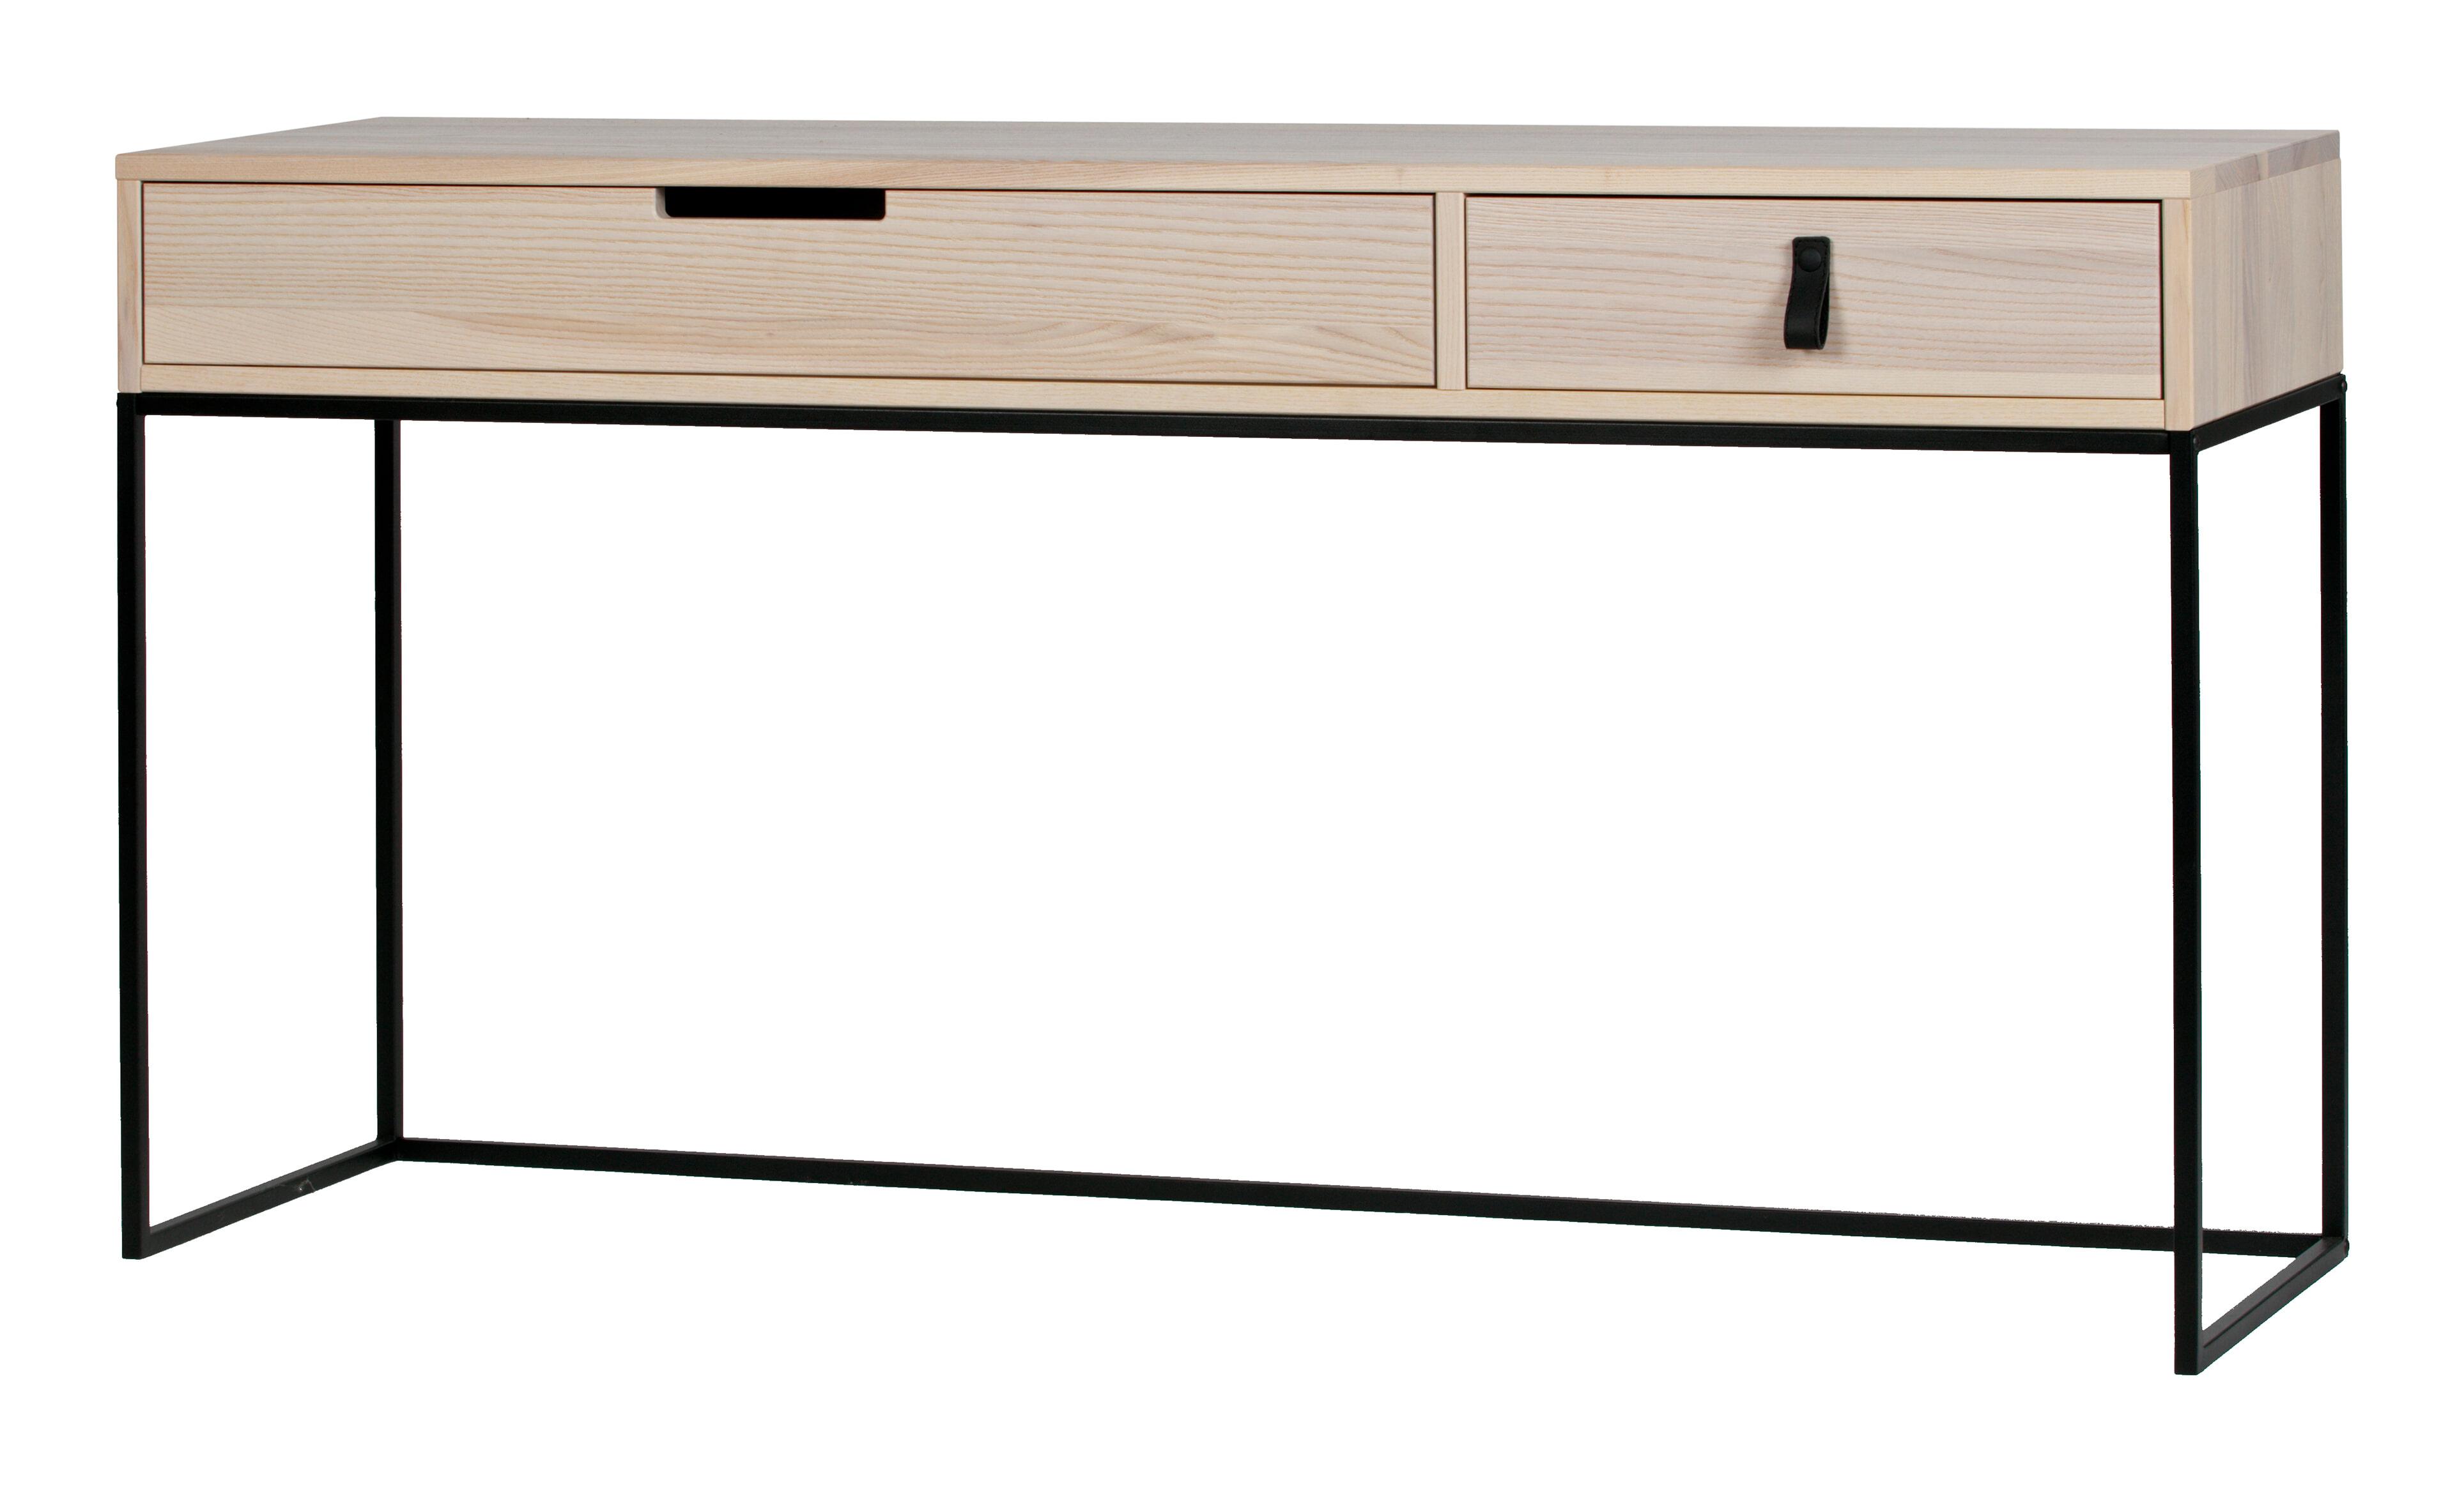 Kopen Side Table.Woood Side Table Silas 140cm Kleur Naturel Tafels